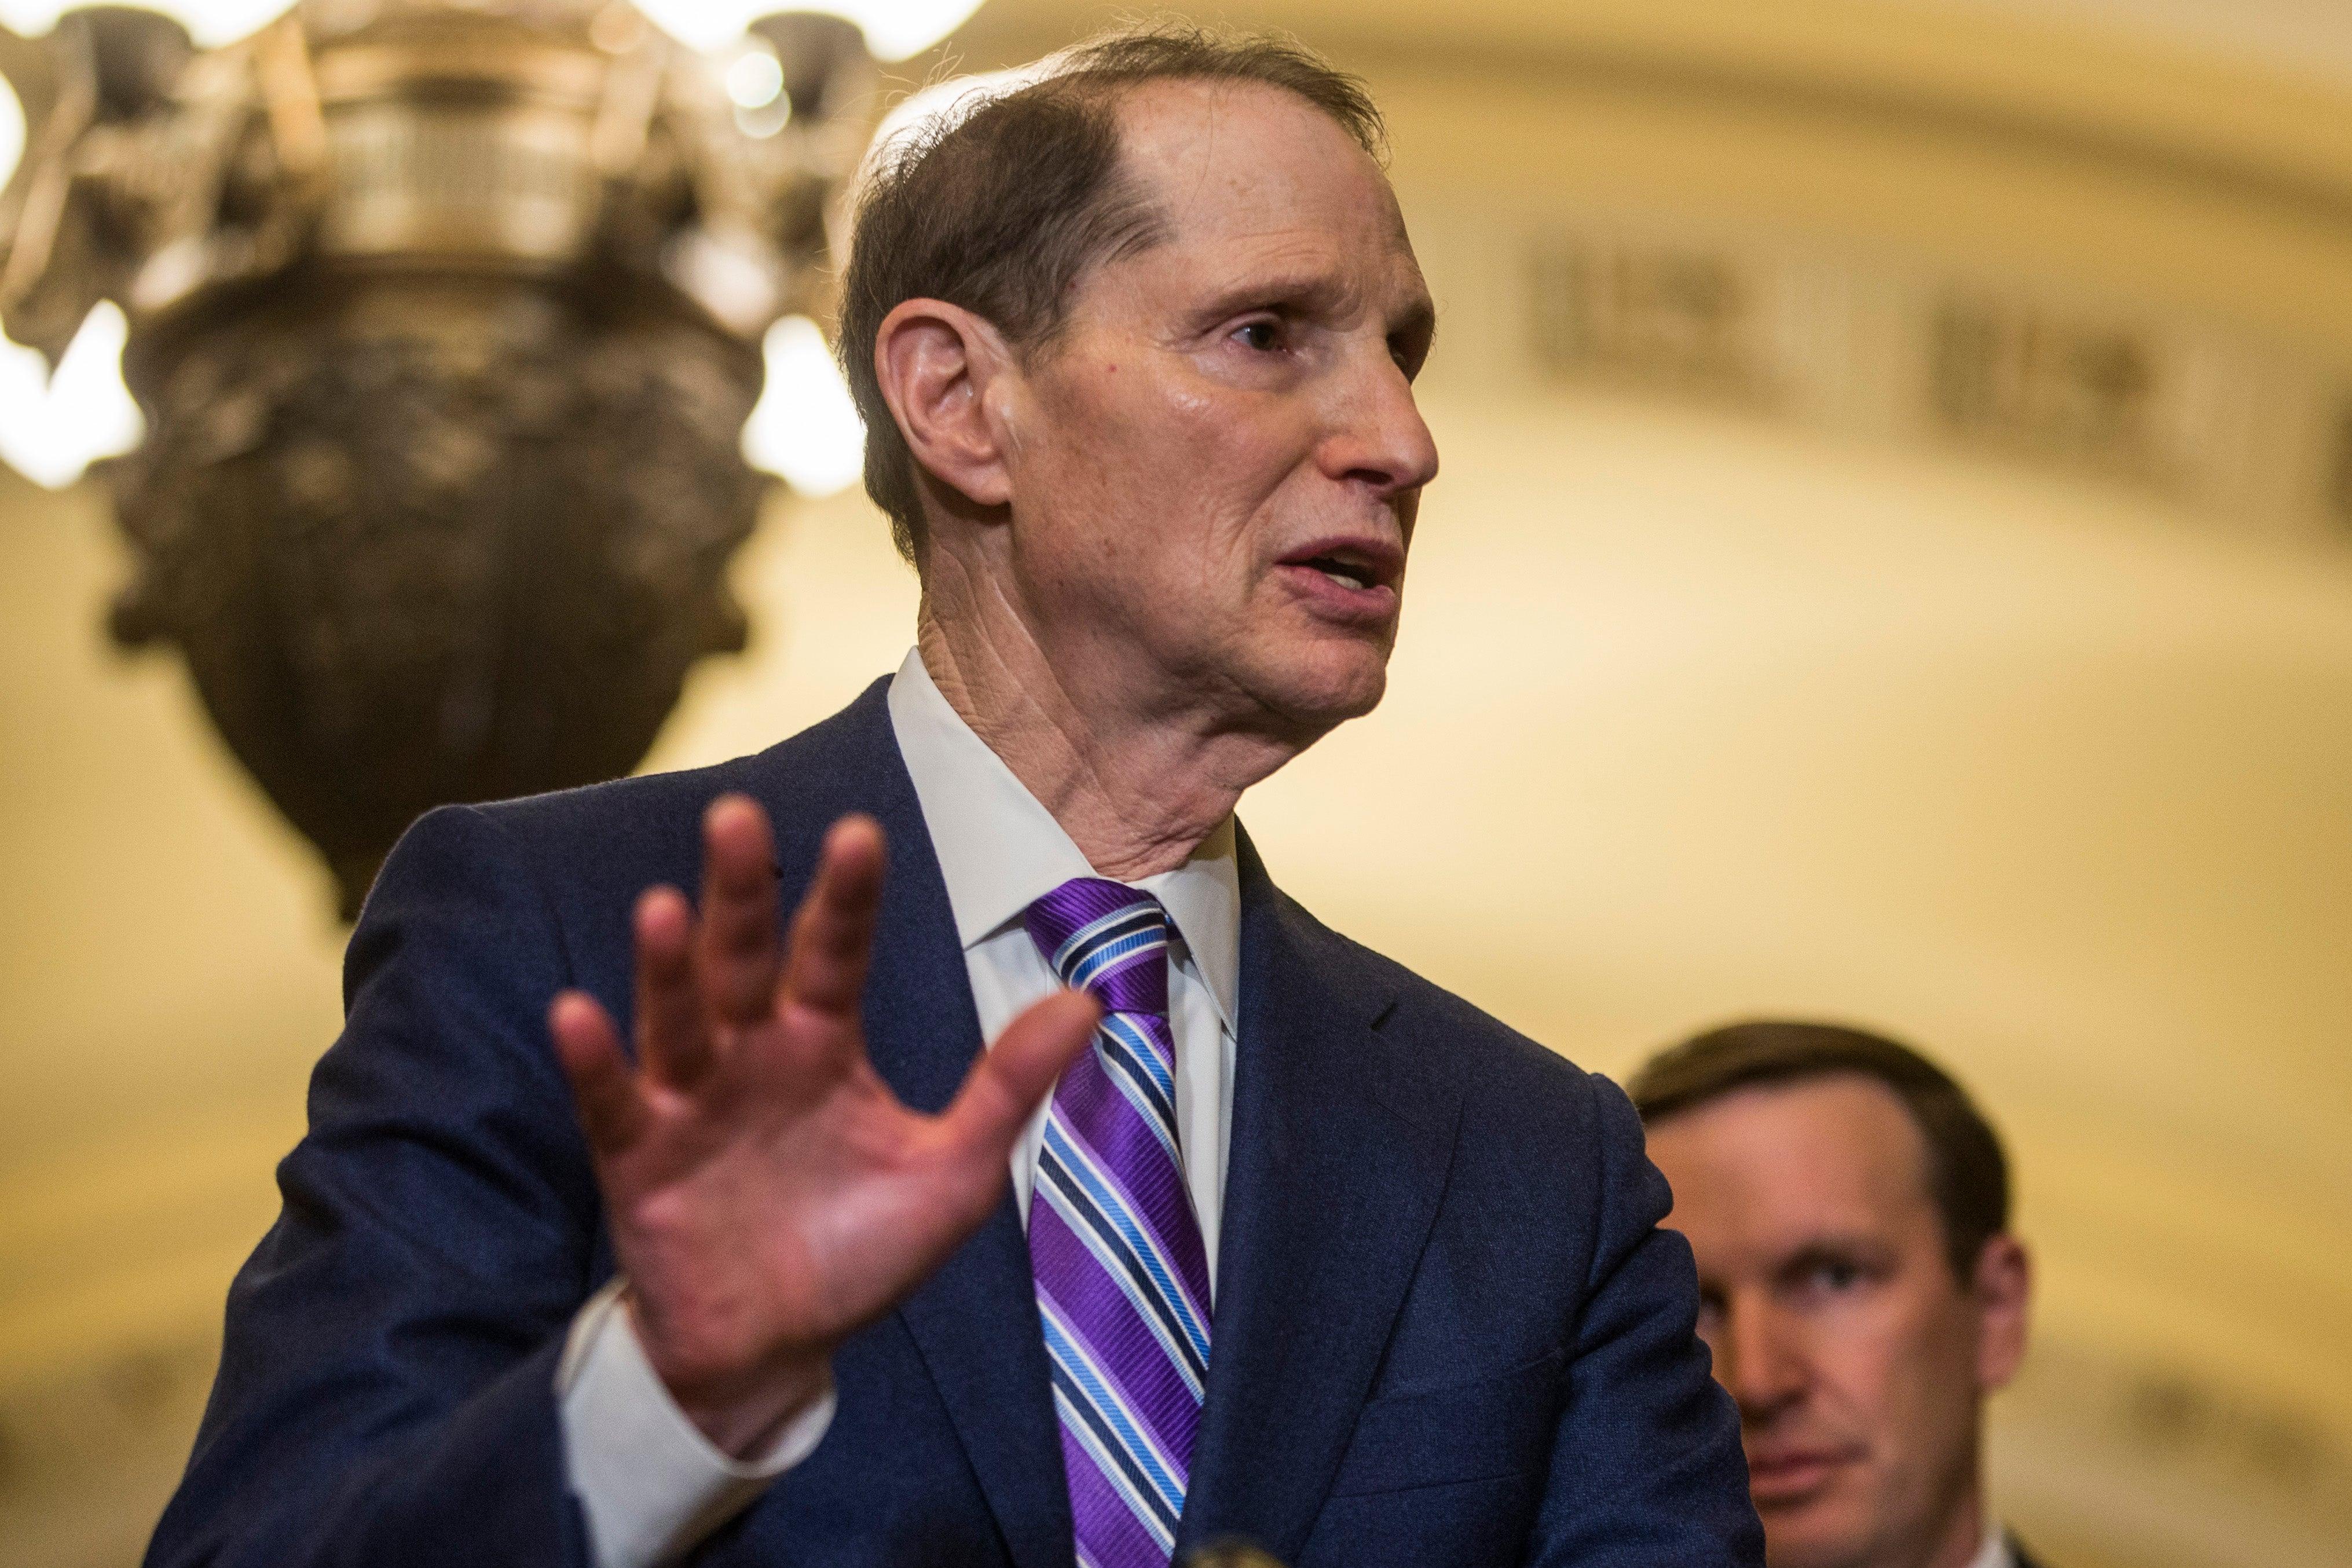 U.S. Congress Members Request Blizzard Reverse Hearthstone Pro's Suspension